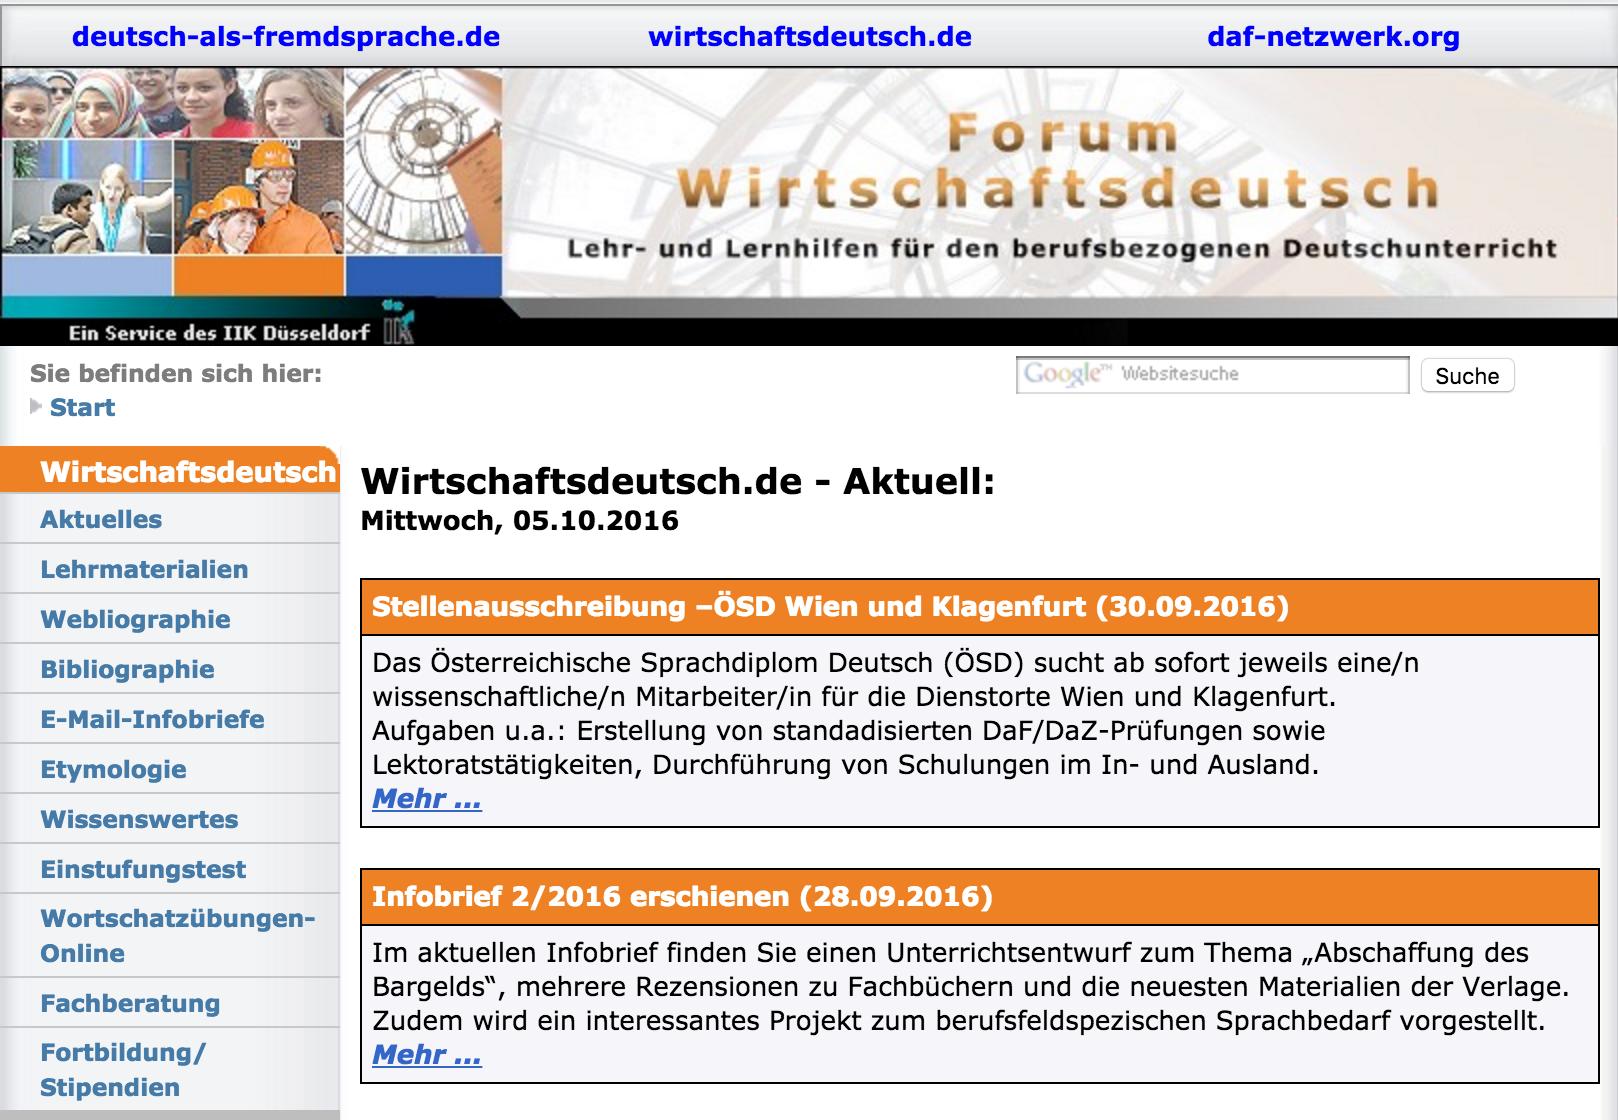 Lehrmaterialien, Etymologie, Einstufungstests, Grammatik- und Wortschatzübungen. #Deutsch #German